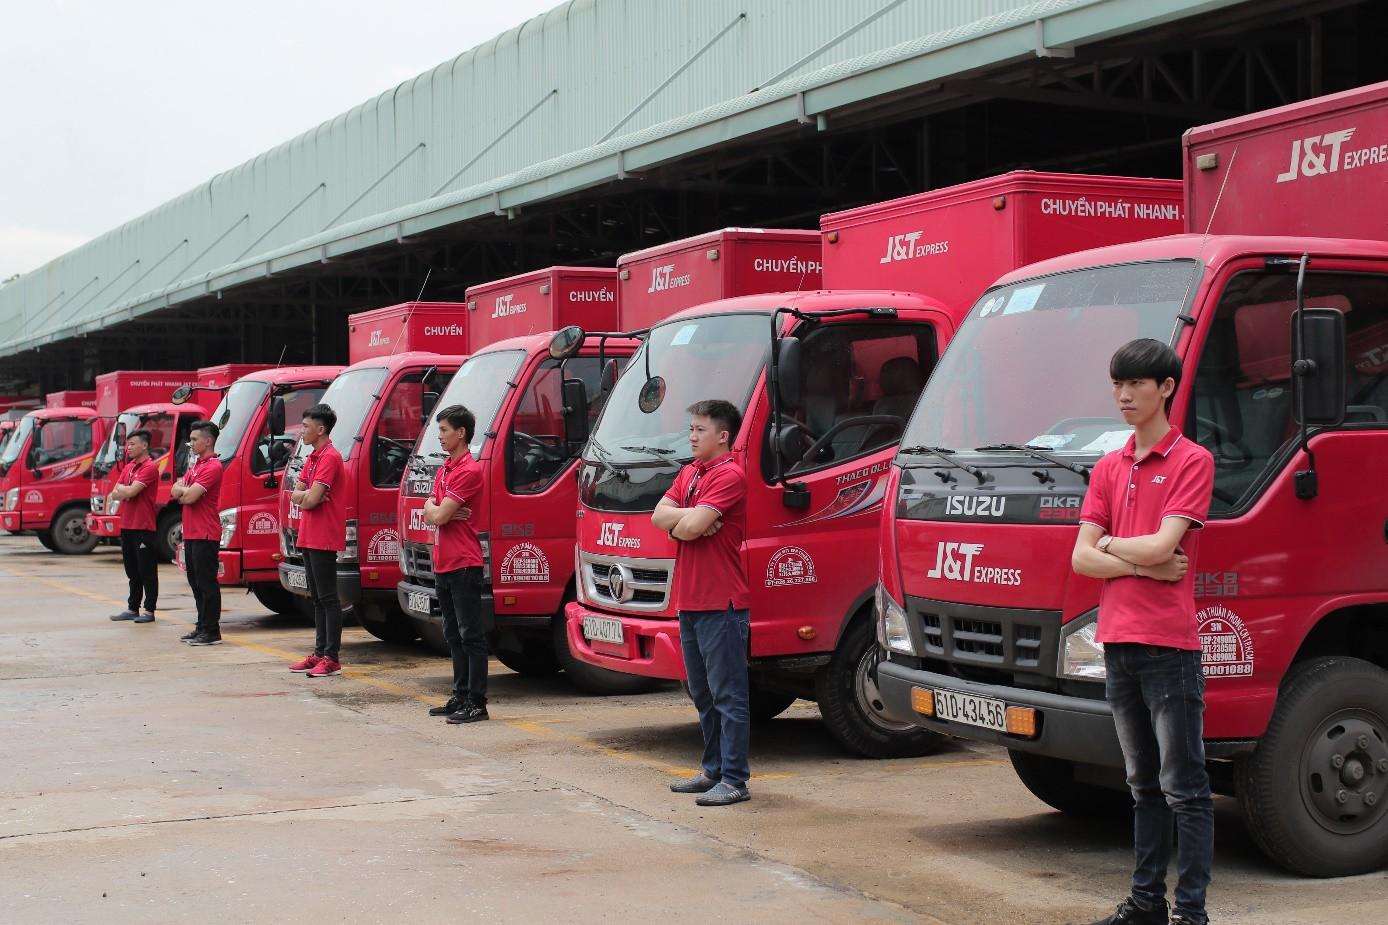 """""""Bùng nổ"""" dịch vụ chuyển phát nhanh trên thị trường thương mại điện tử tại Việt Nam - Ảnh 2."""